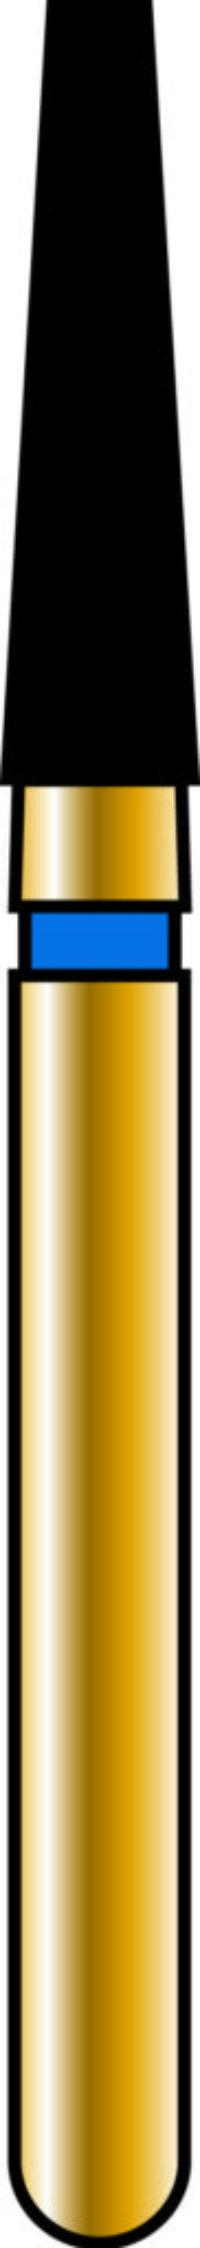 Flat End Taper 18-7mm Gold Diamond Bur - Coarse Grit